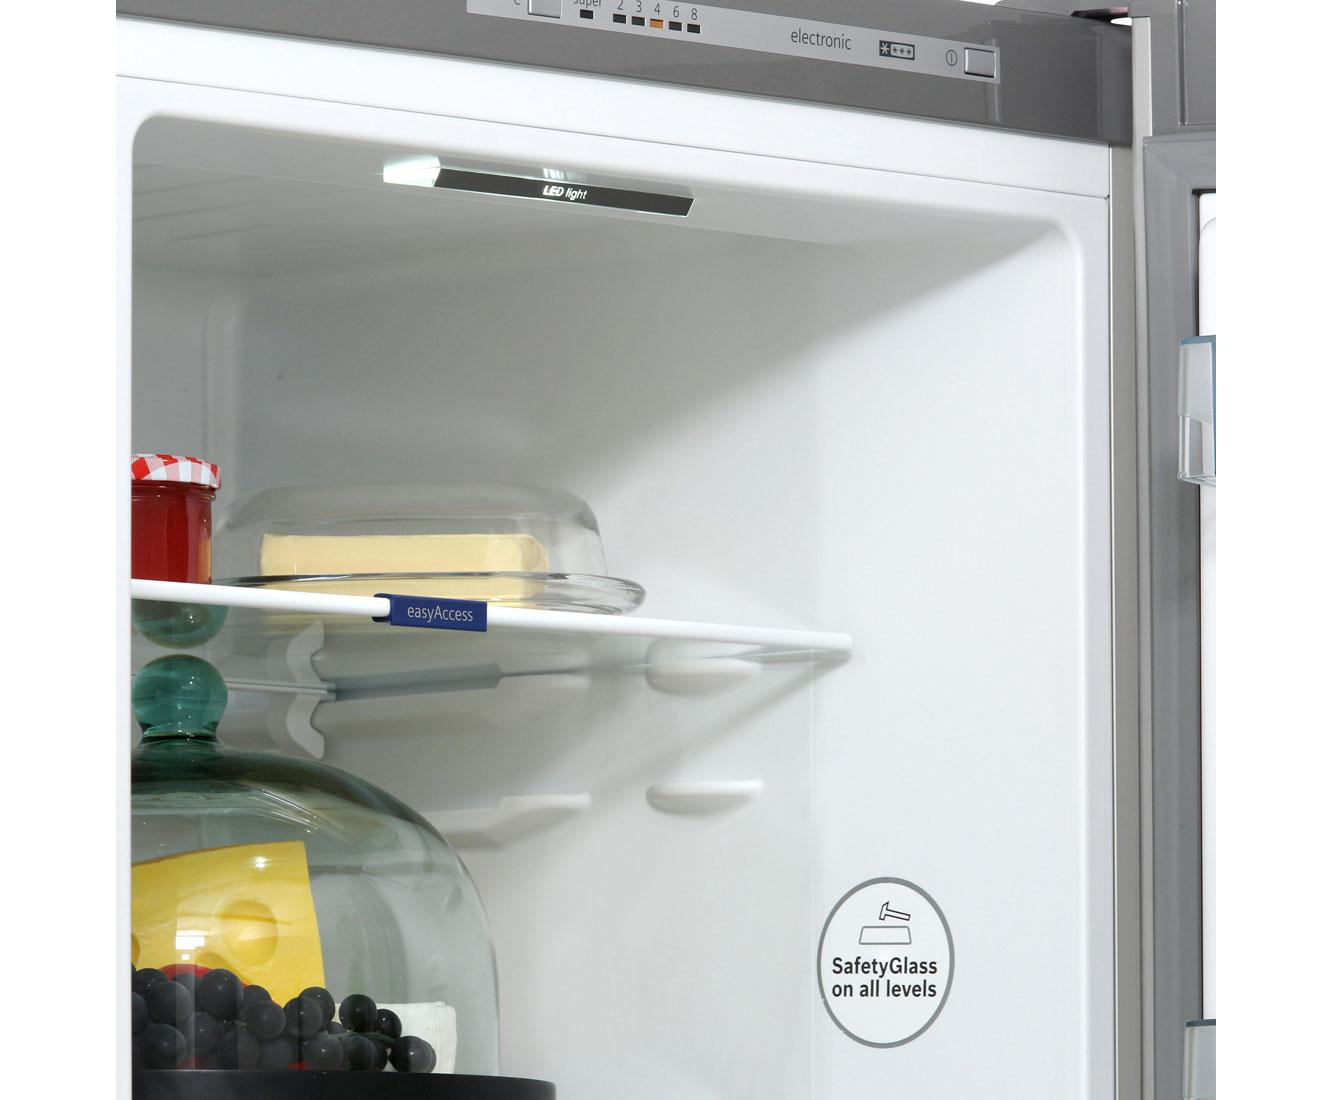 Siemens Kühlschrank Brummt : Siemens kg vvl kühl gefrierkombination er breite edelstahl